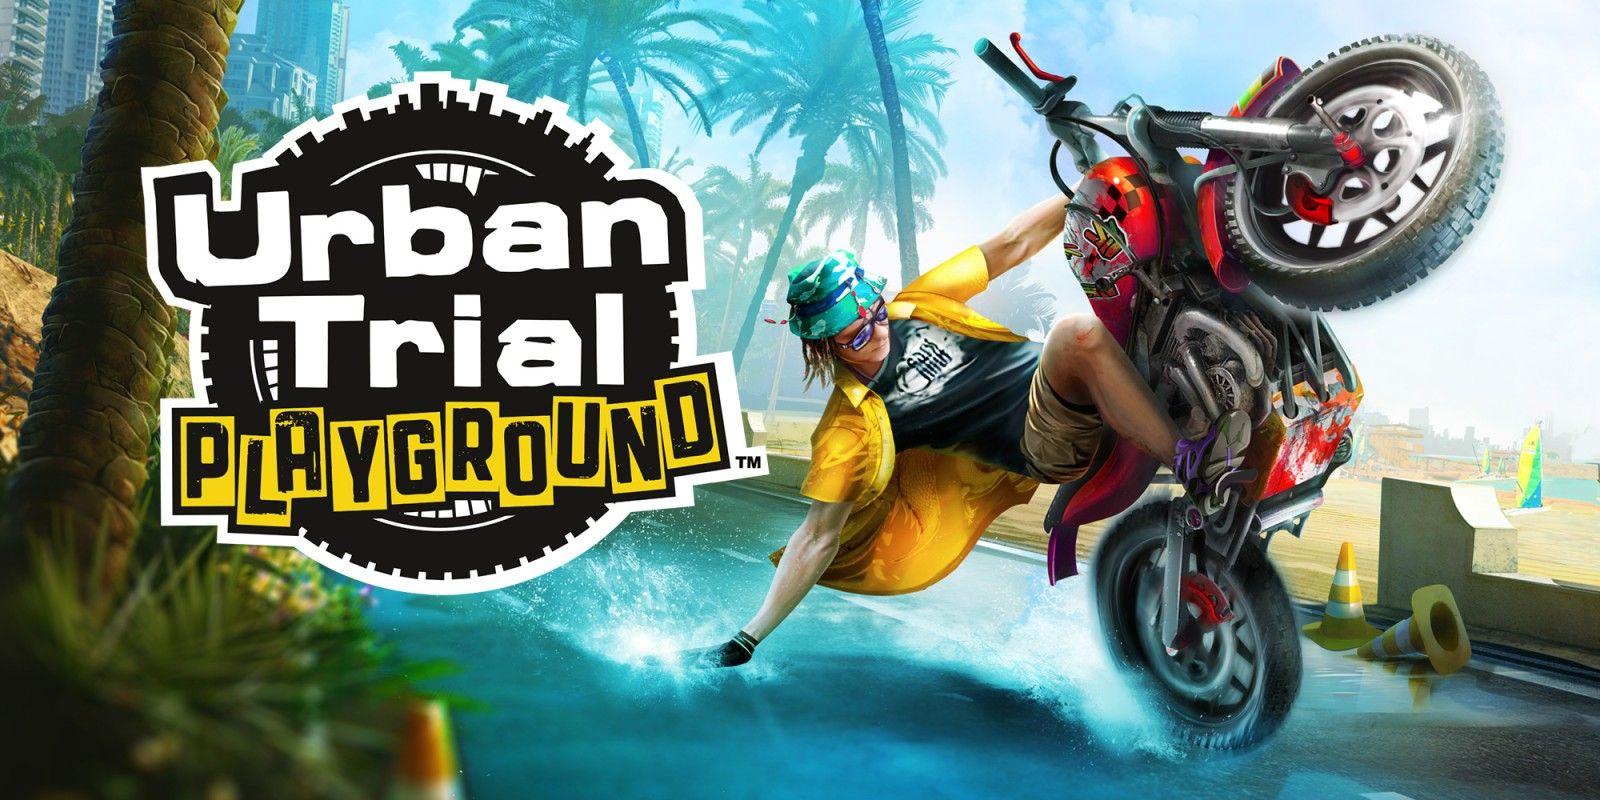 Urban Trial Playground £2.69 was £13.49 @ Nintendo eShop (digital)